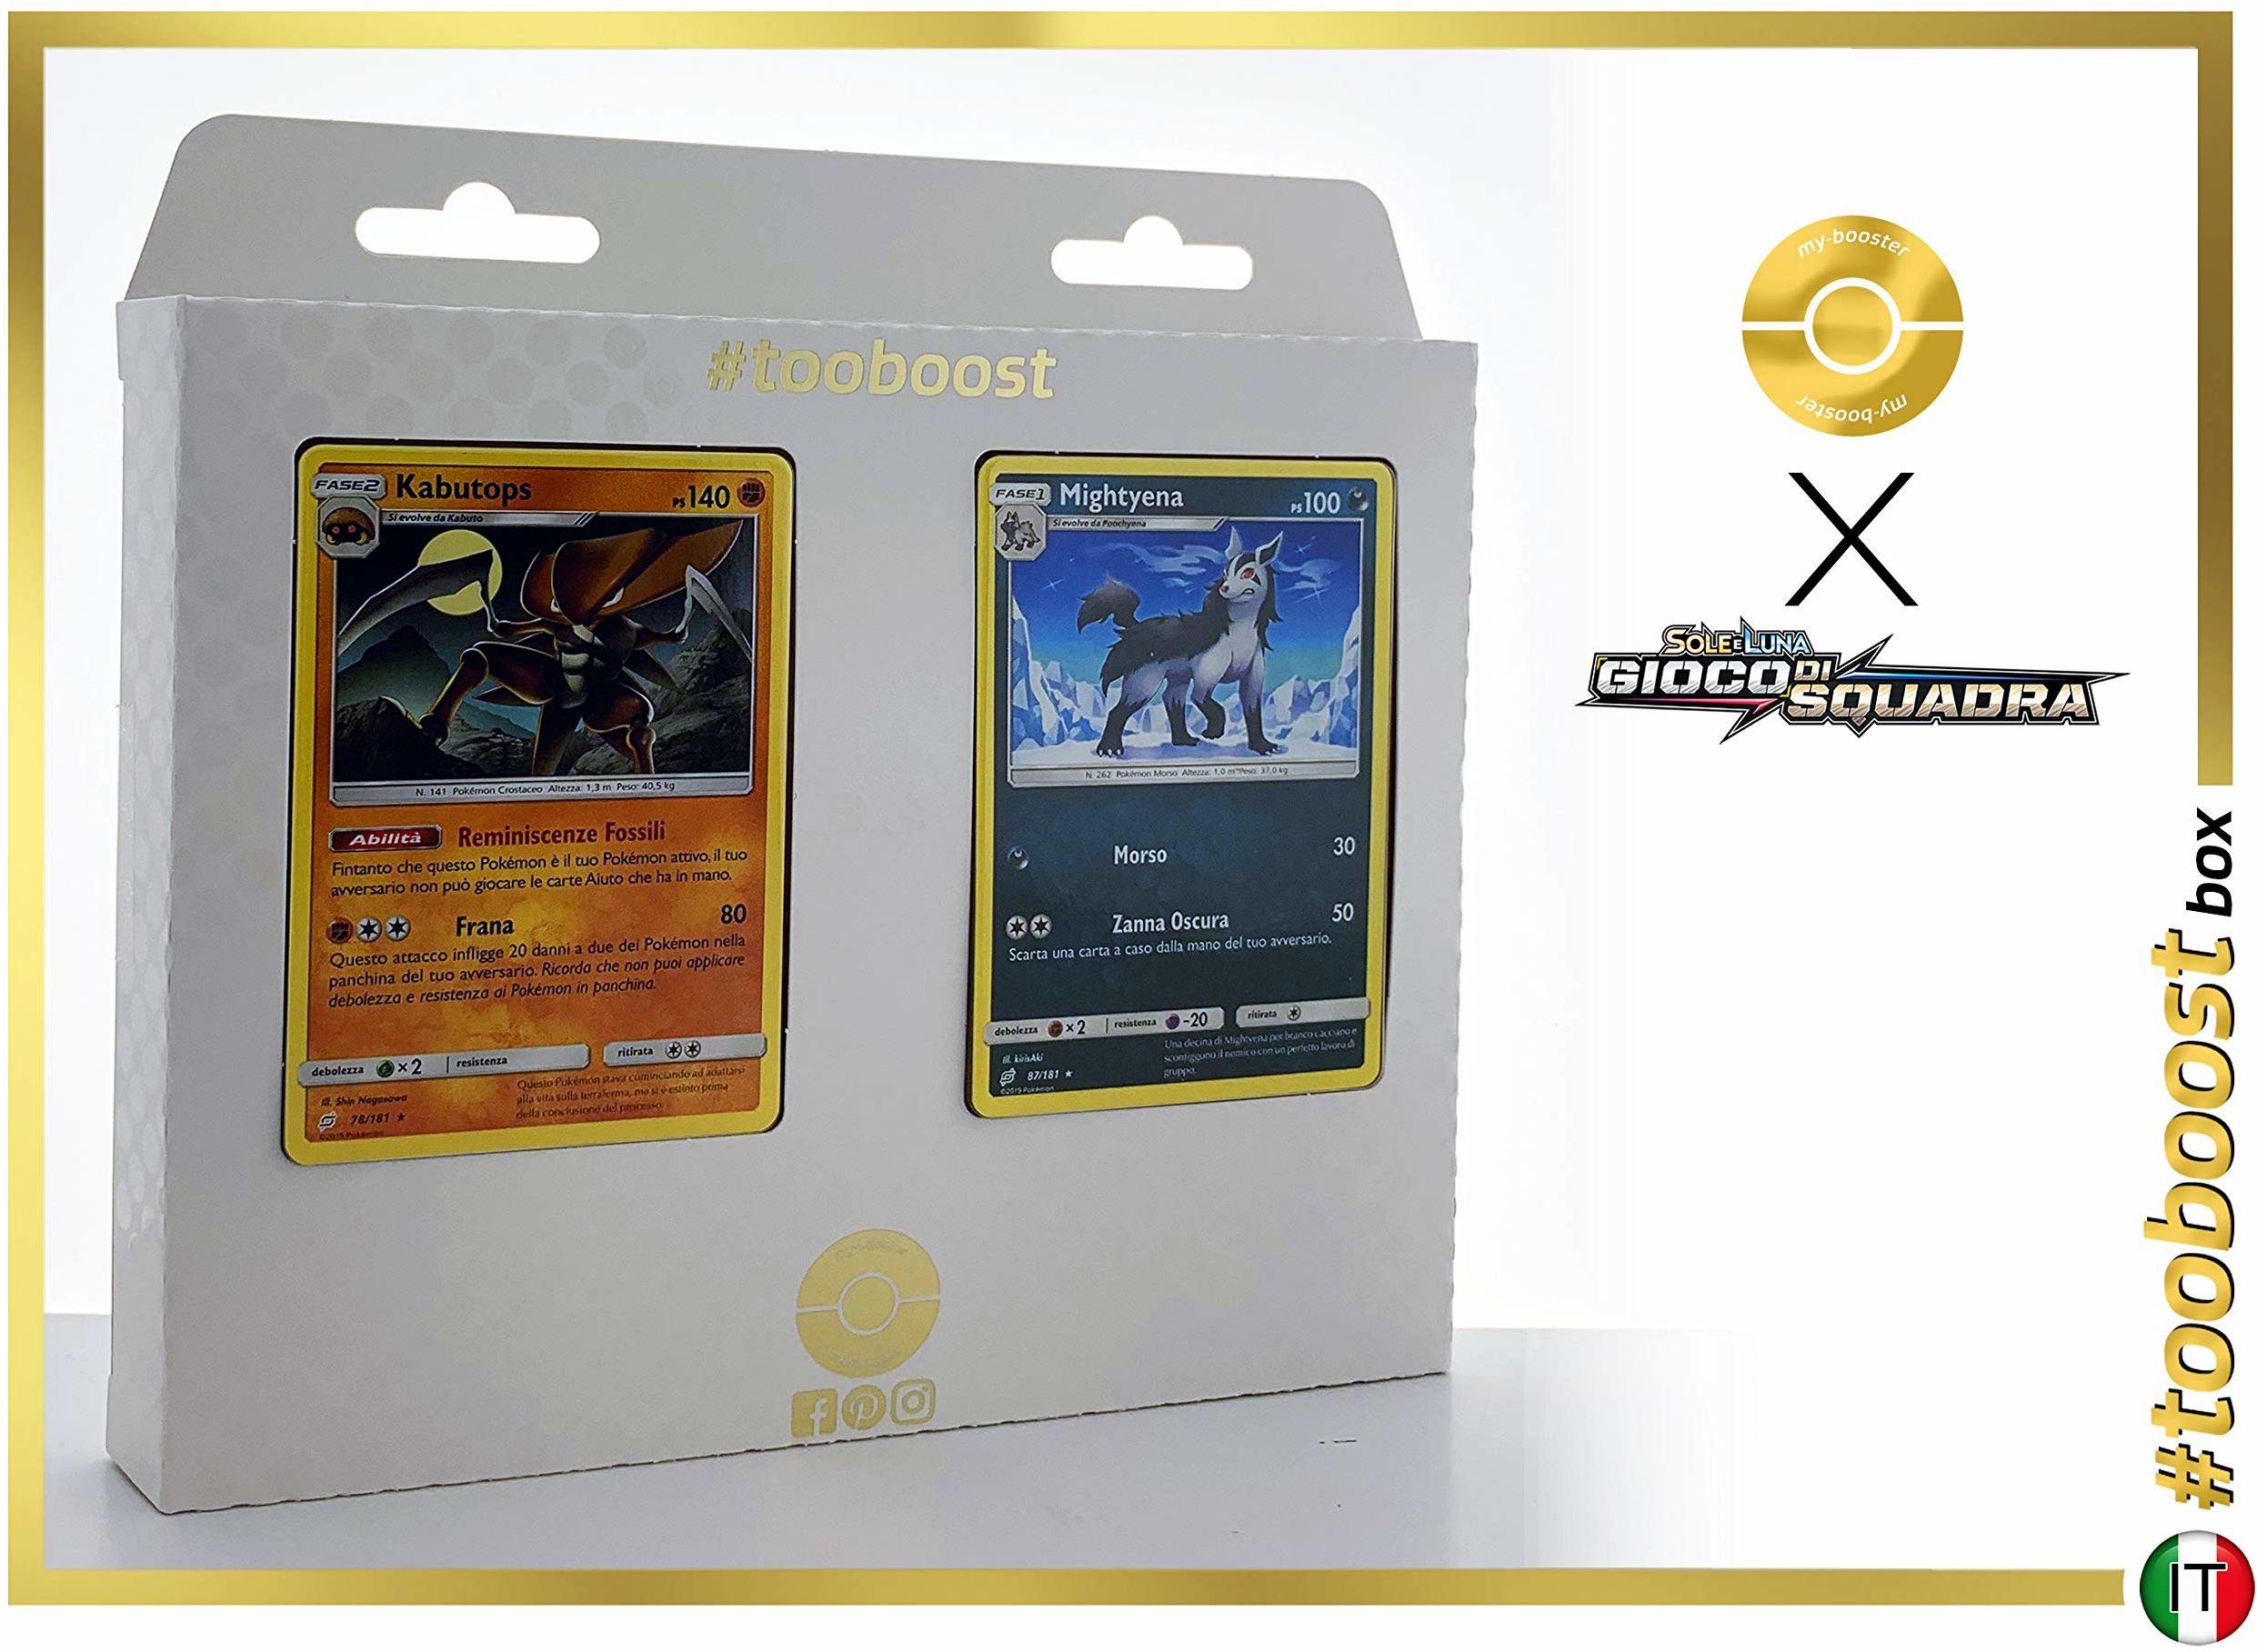 Kabustops 78/181 i Mightyena (Magnayen) 87/181 - #tooboost X Sol E & Luna 9 Gioco di Squadra - pudełko z 10 włoskimi kartkami Pokémon + 1 Pokémon-Goodie